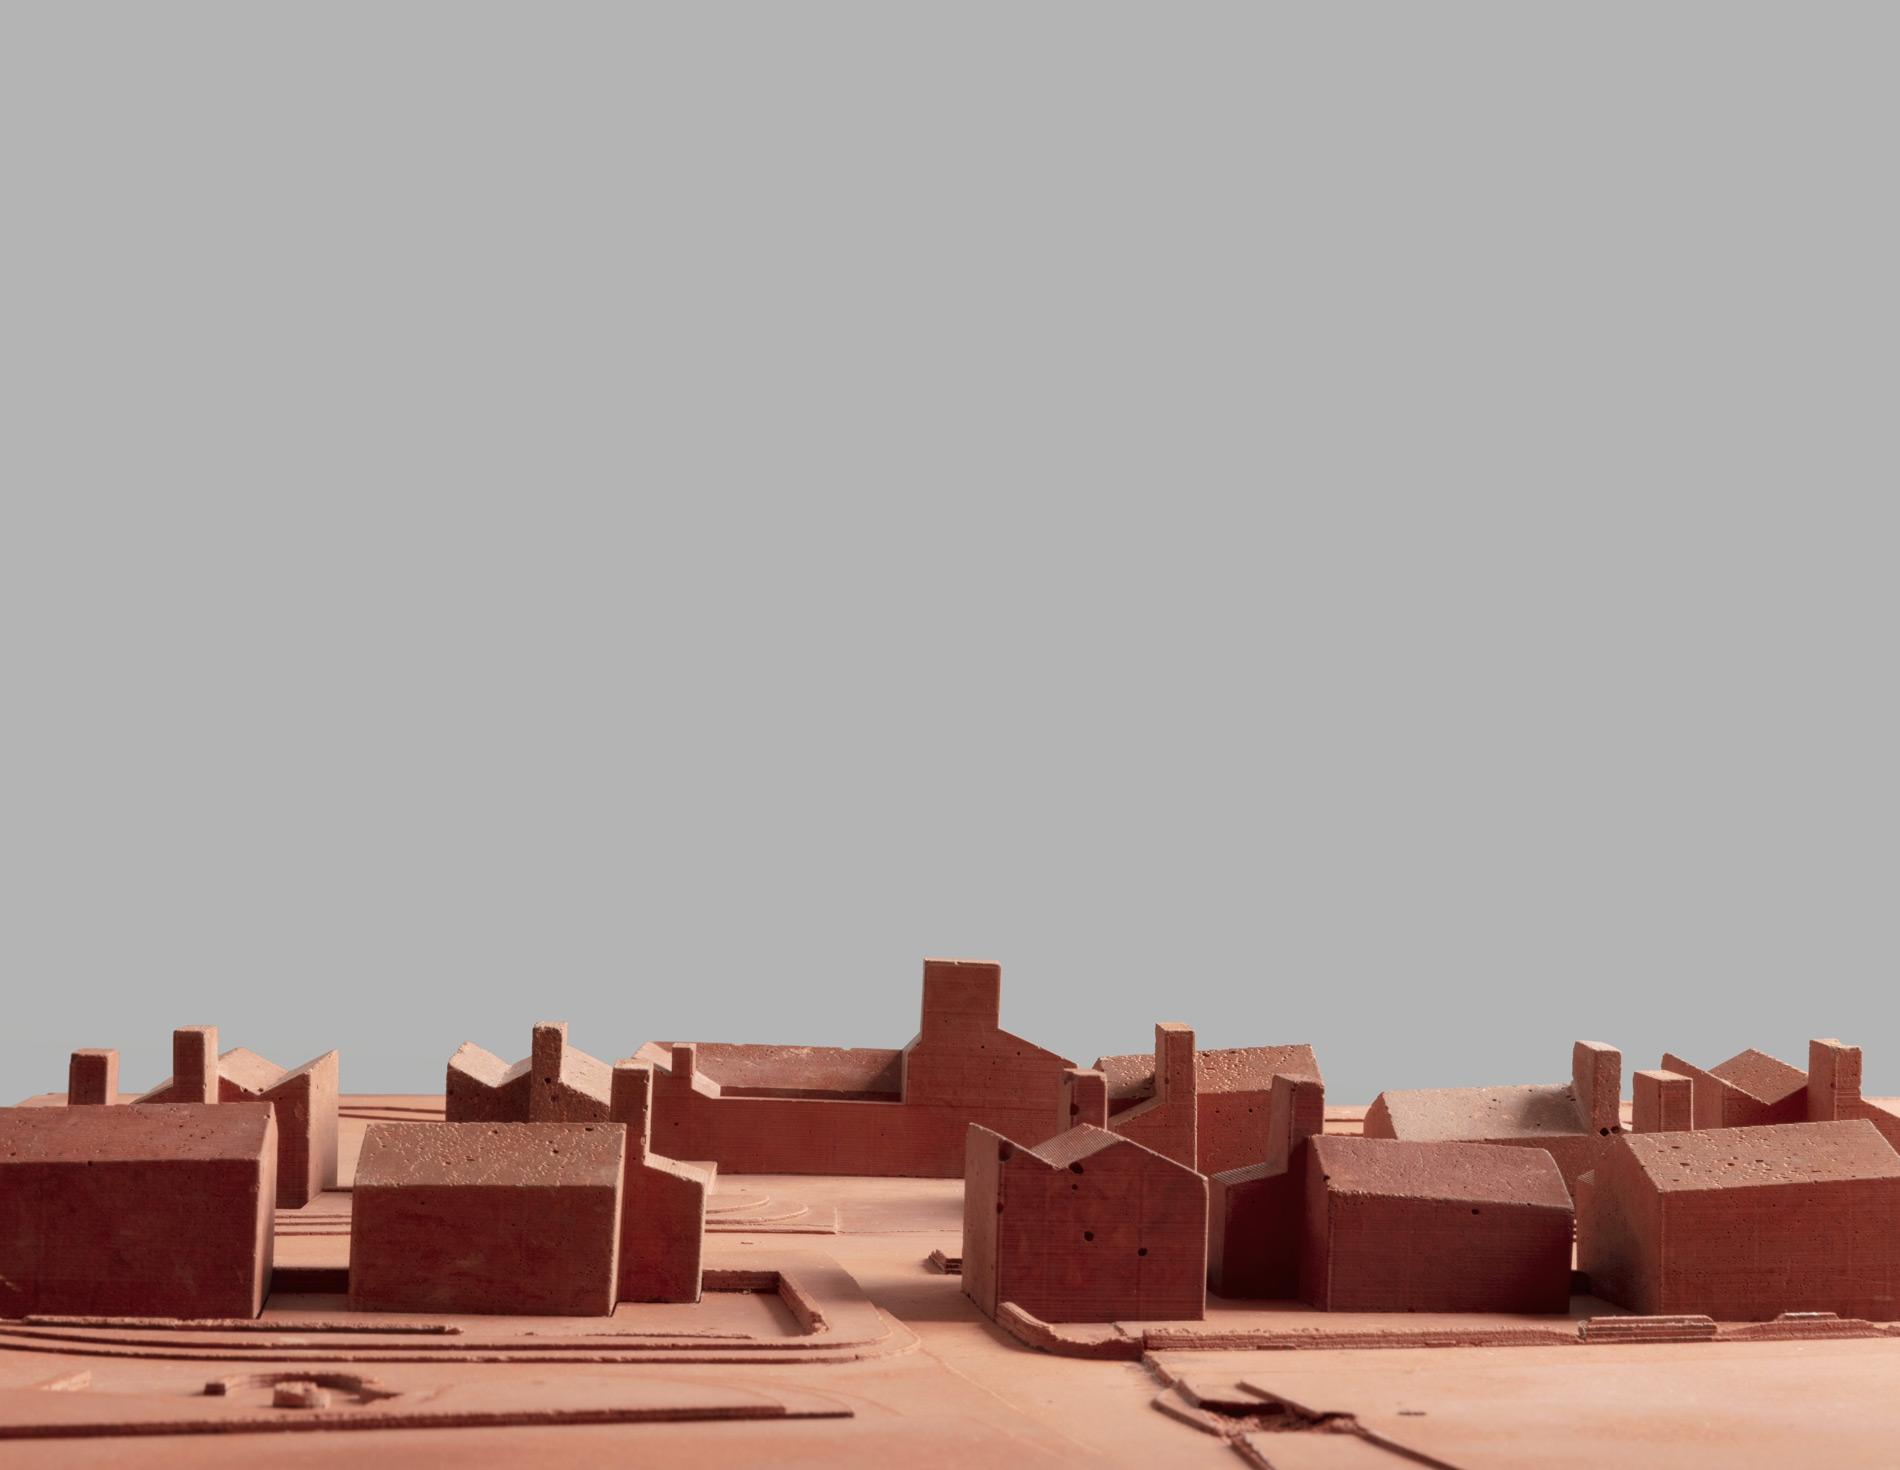 Passivhaus housing architects